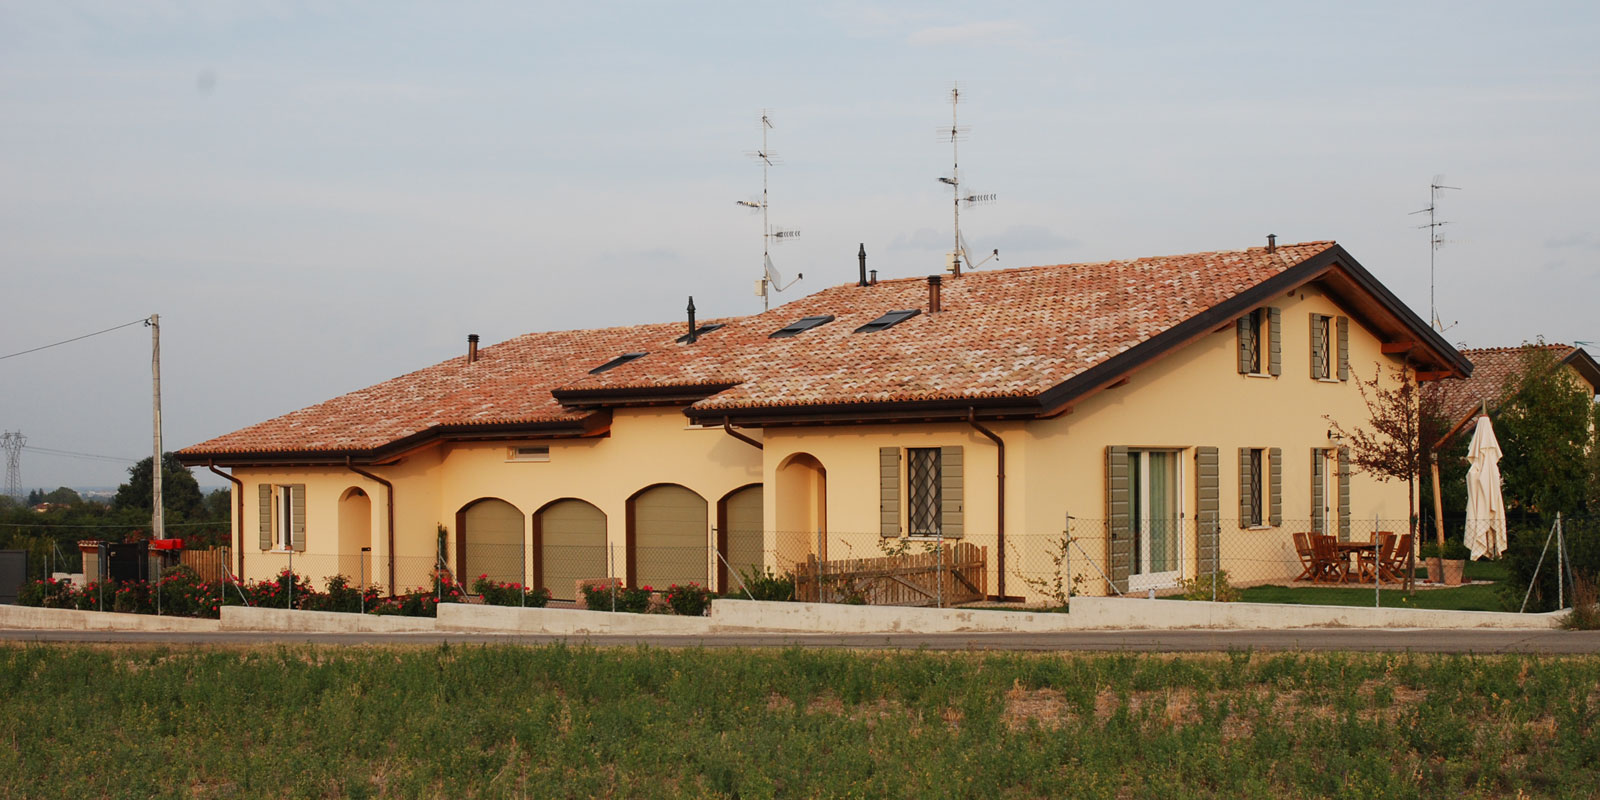 Ristrutturazione a San Felice